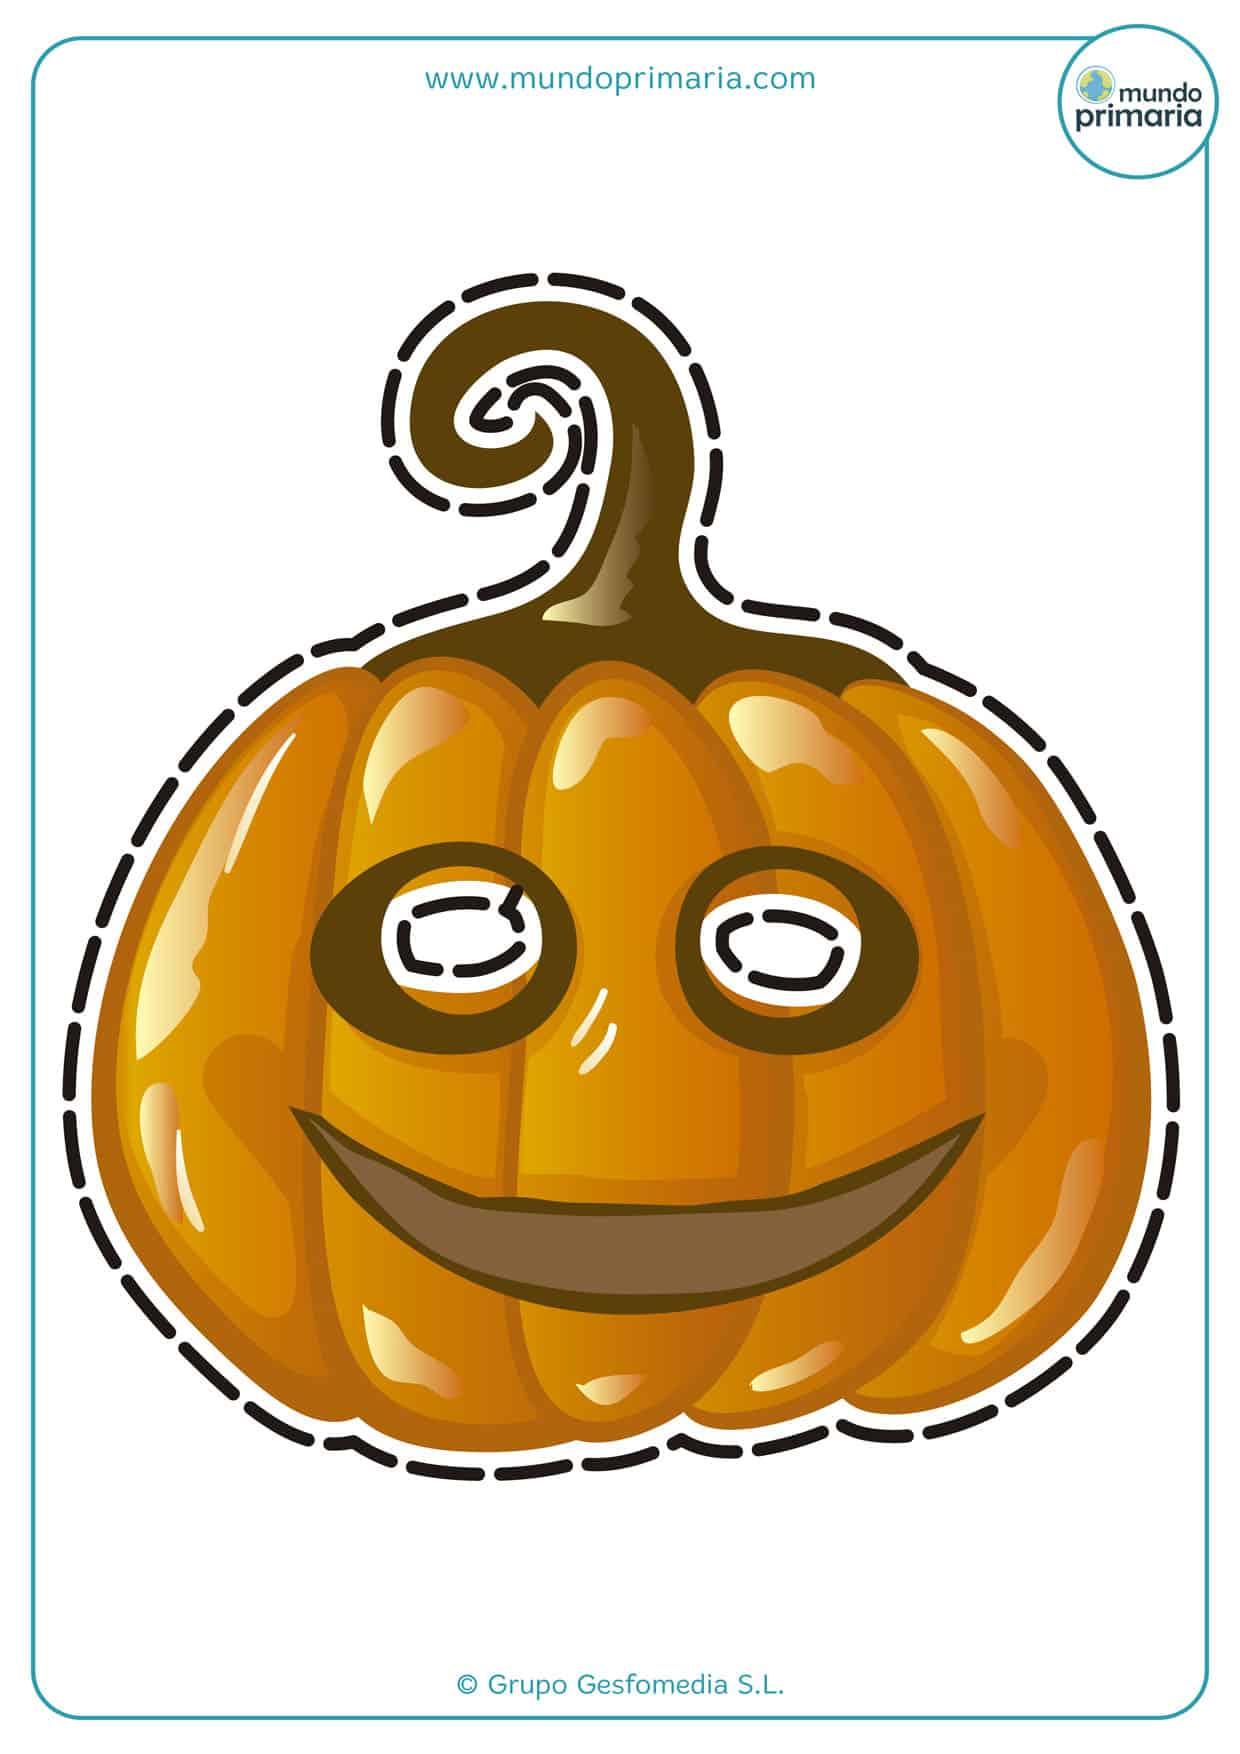 ¡Mira que careta de calabaza de Halloween tan aterradora!